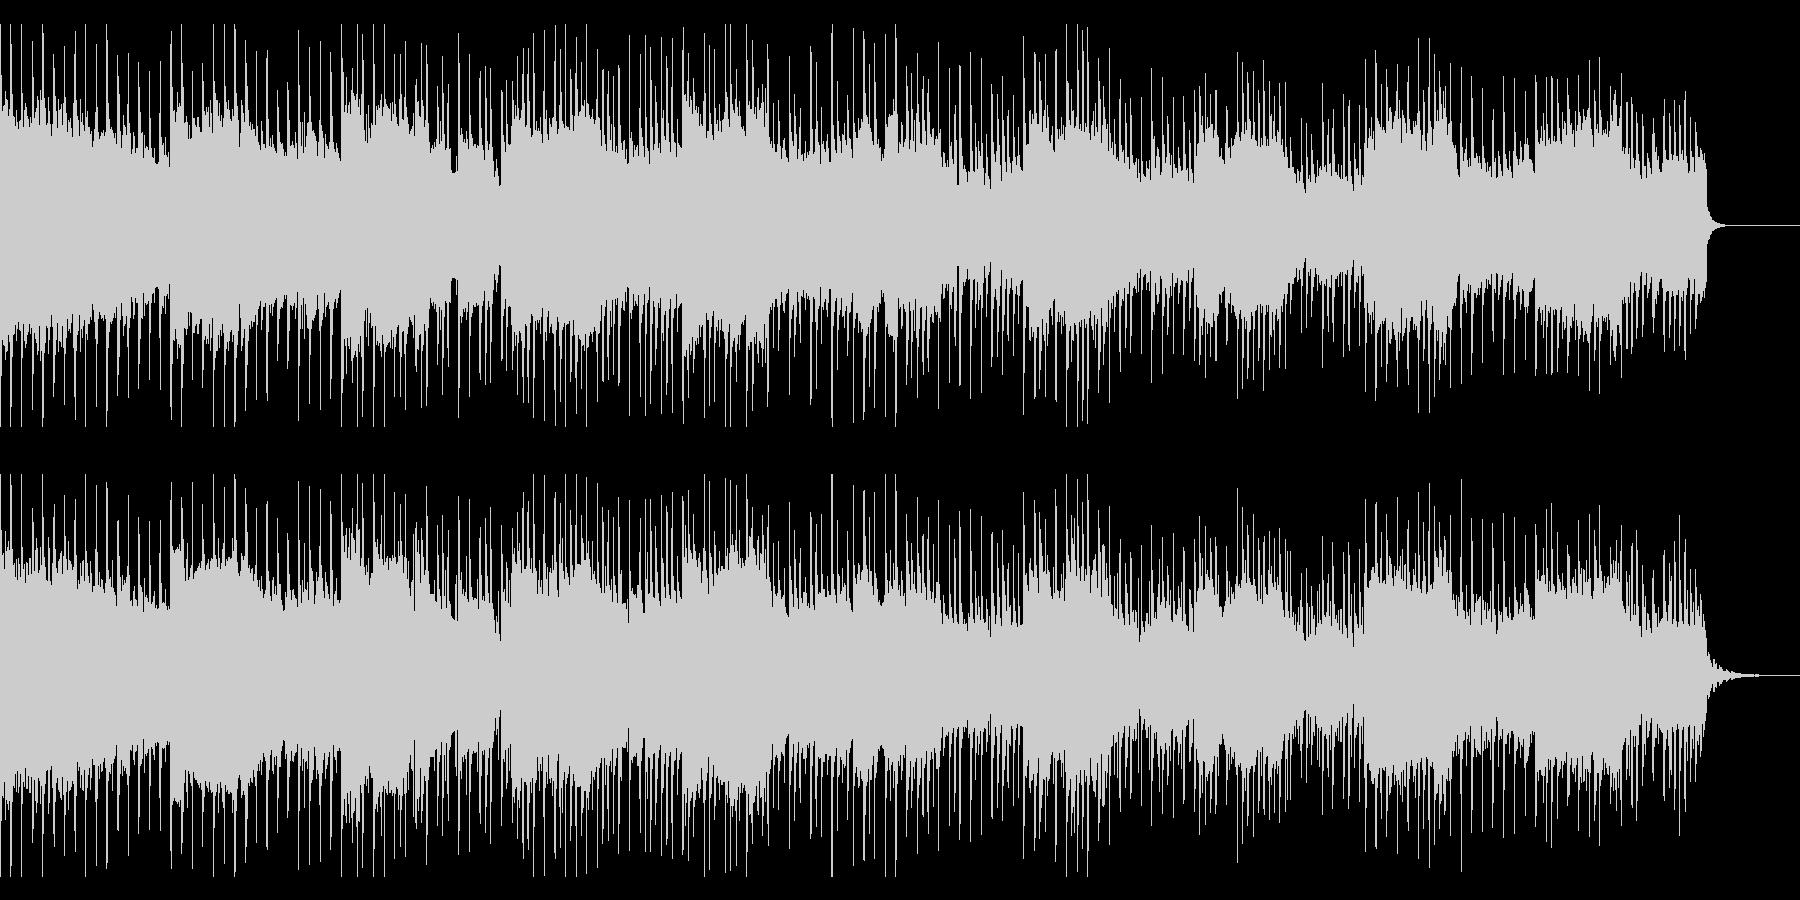 ゆったりした夏っぽいオルタナティブロックの未再生の波形